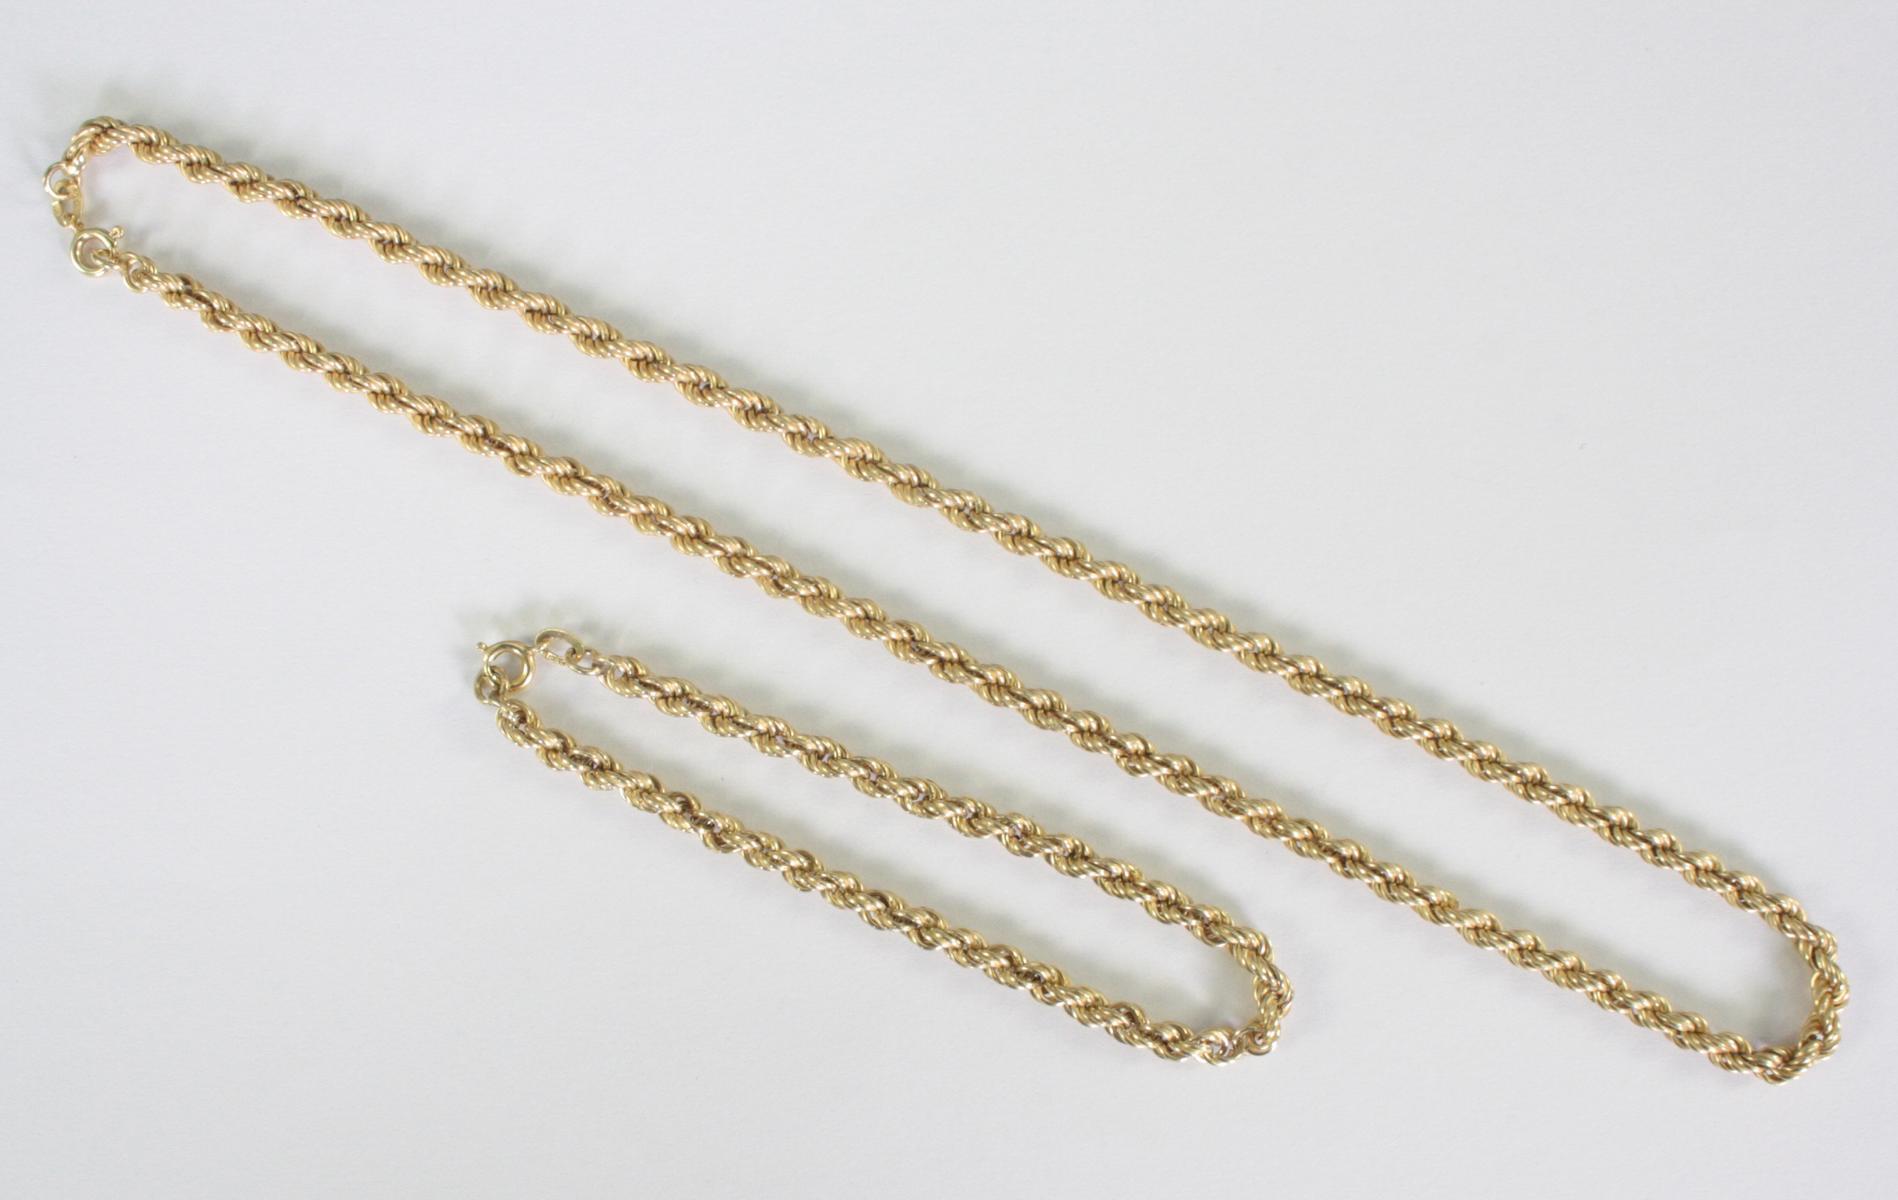 Damenhalskette und Armband, 14 Karat Gelbgold